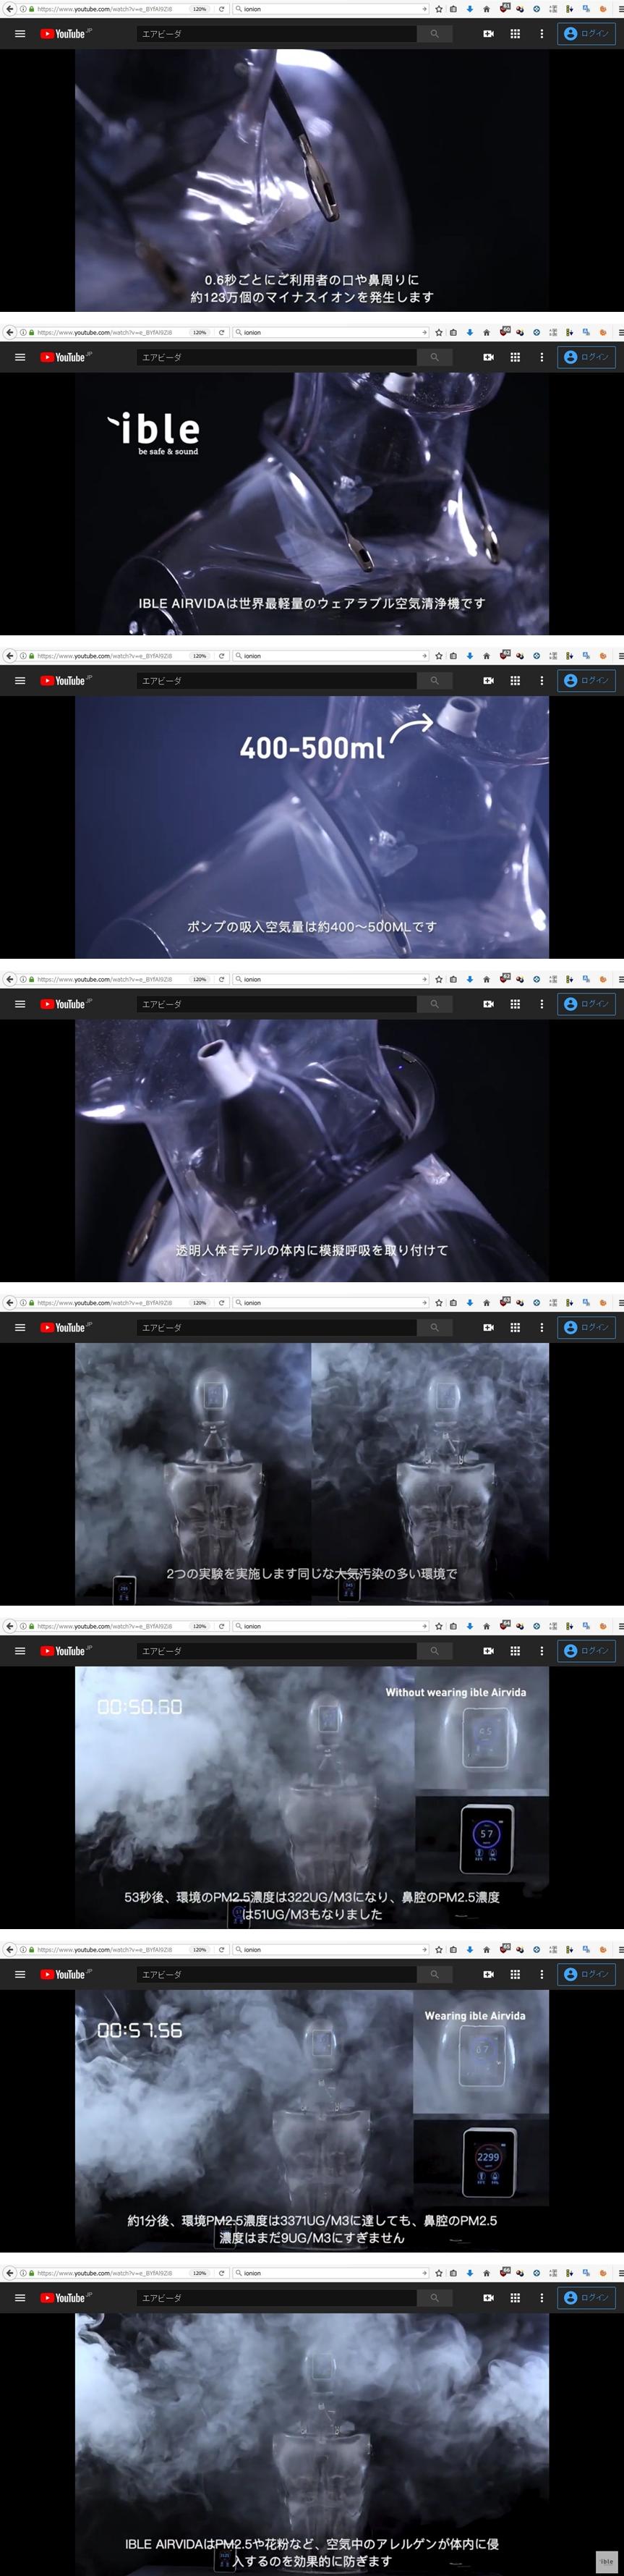 マイナスイオンを発生する首掛けタイプ エアビーダの動画から